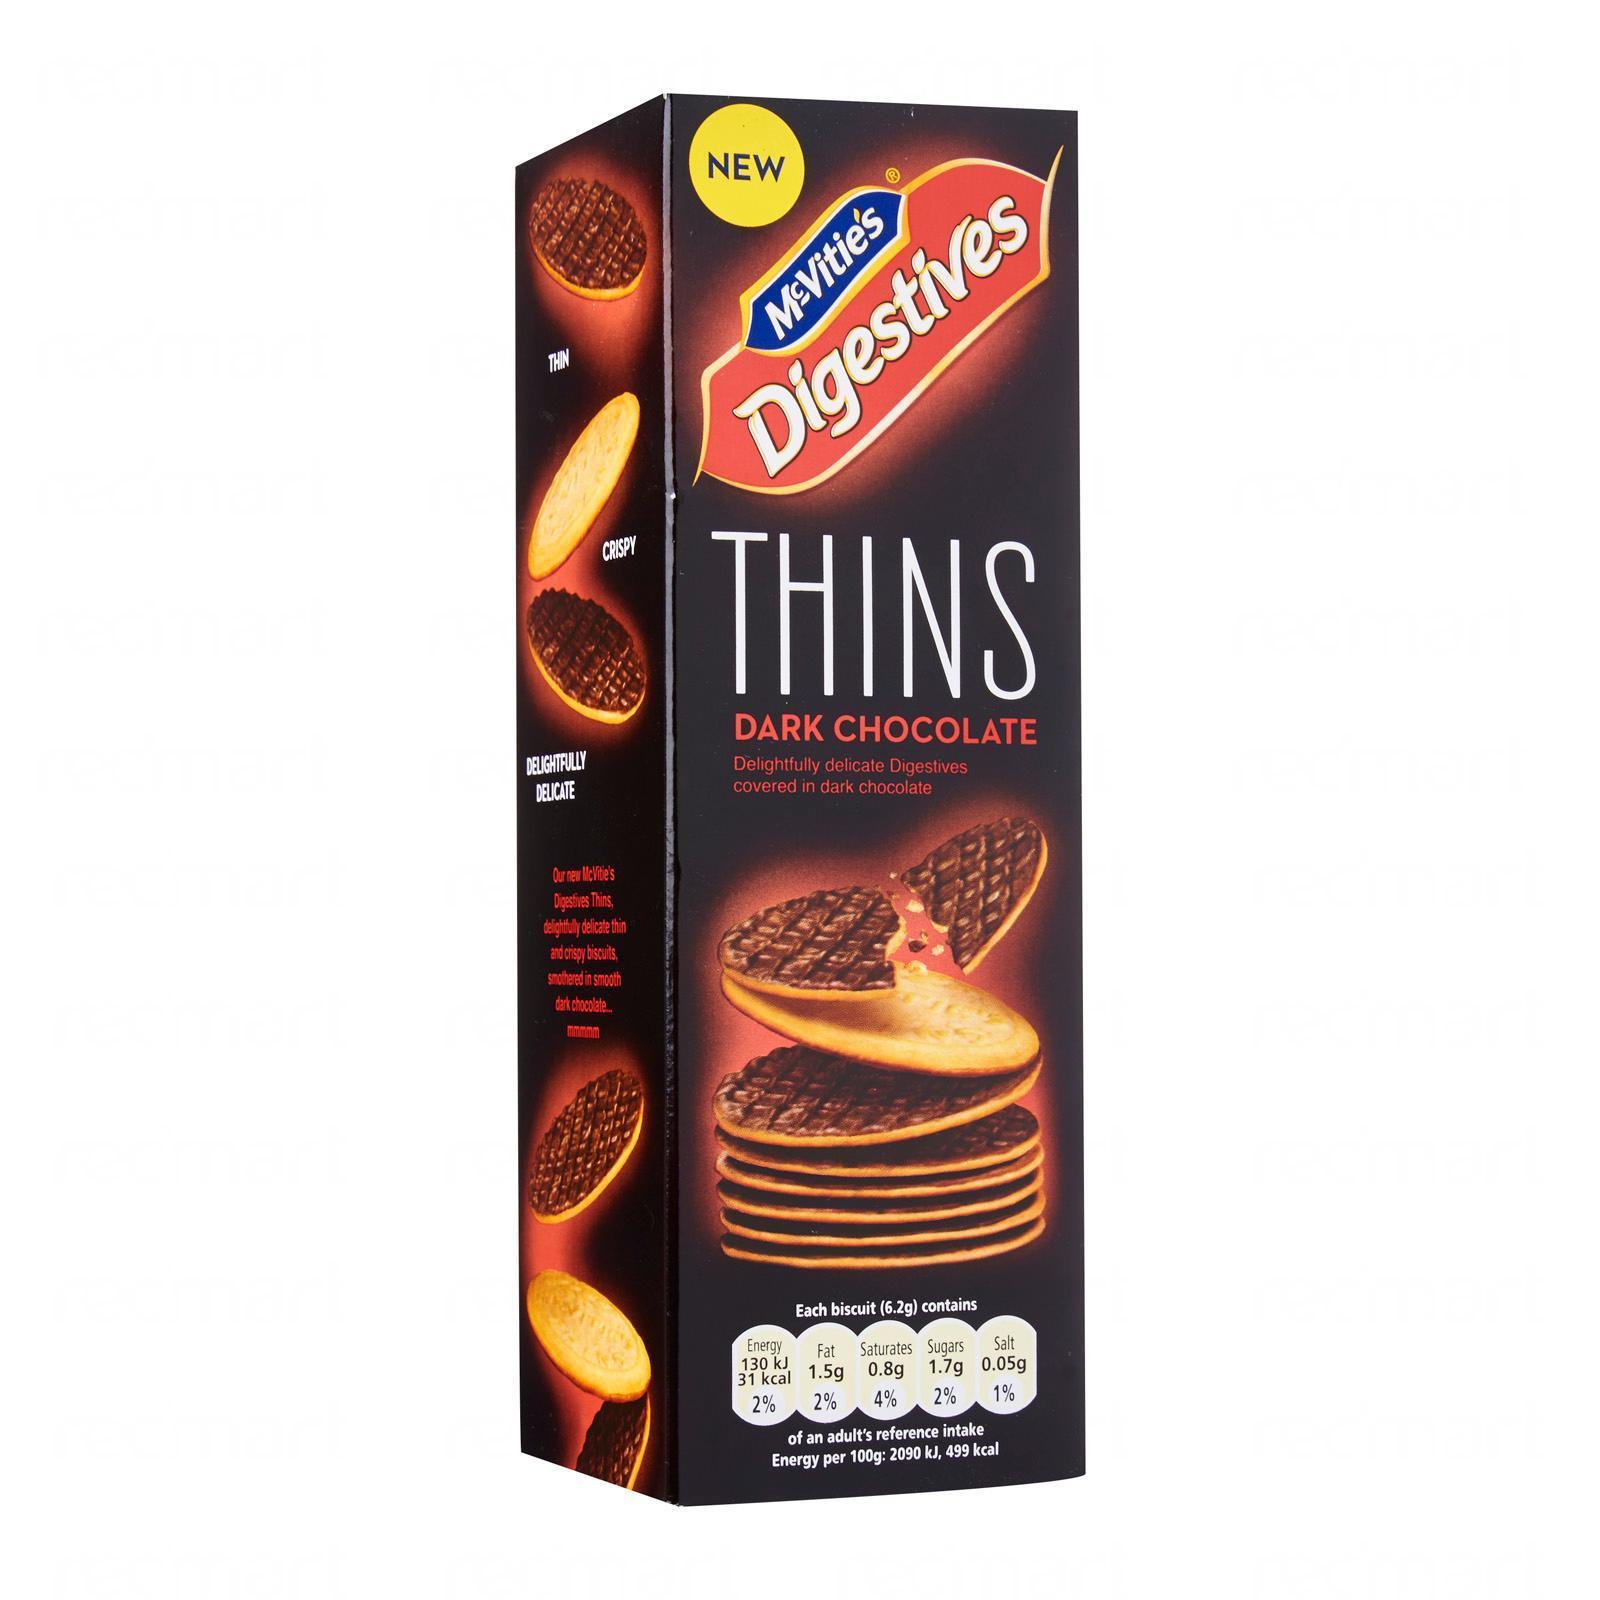 McVitie's Dark Chocolate Digestives Thins